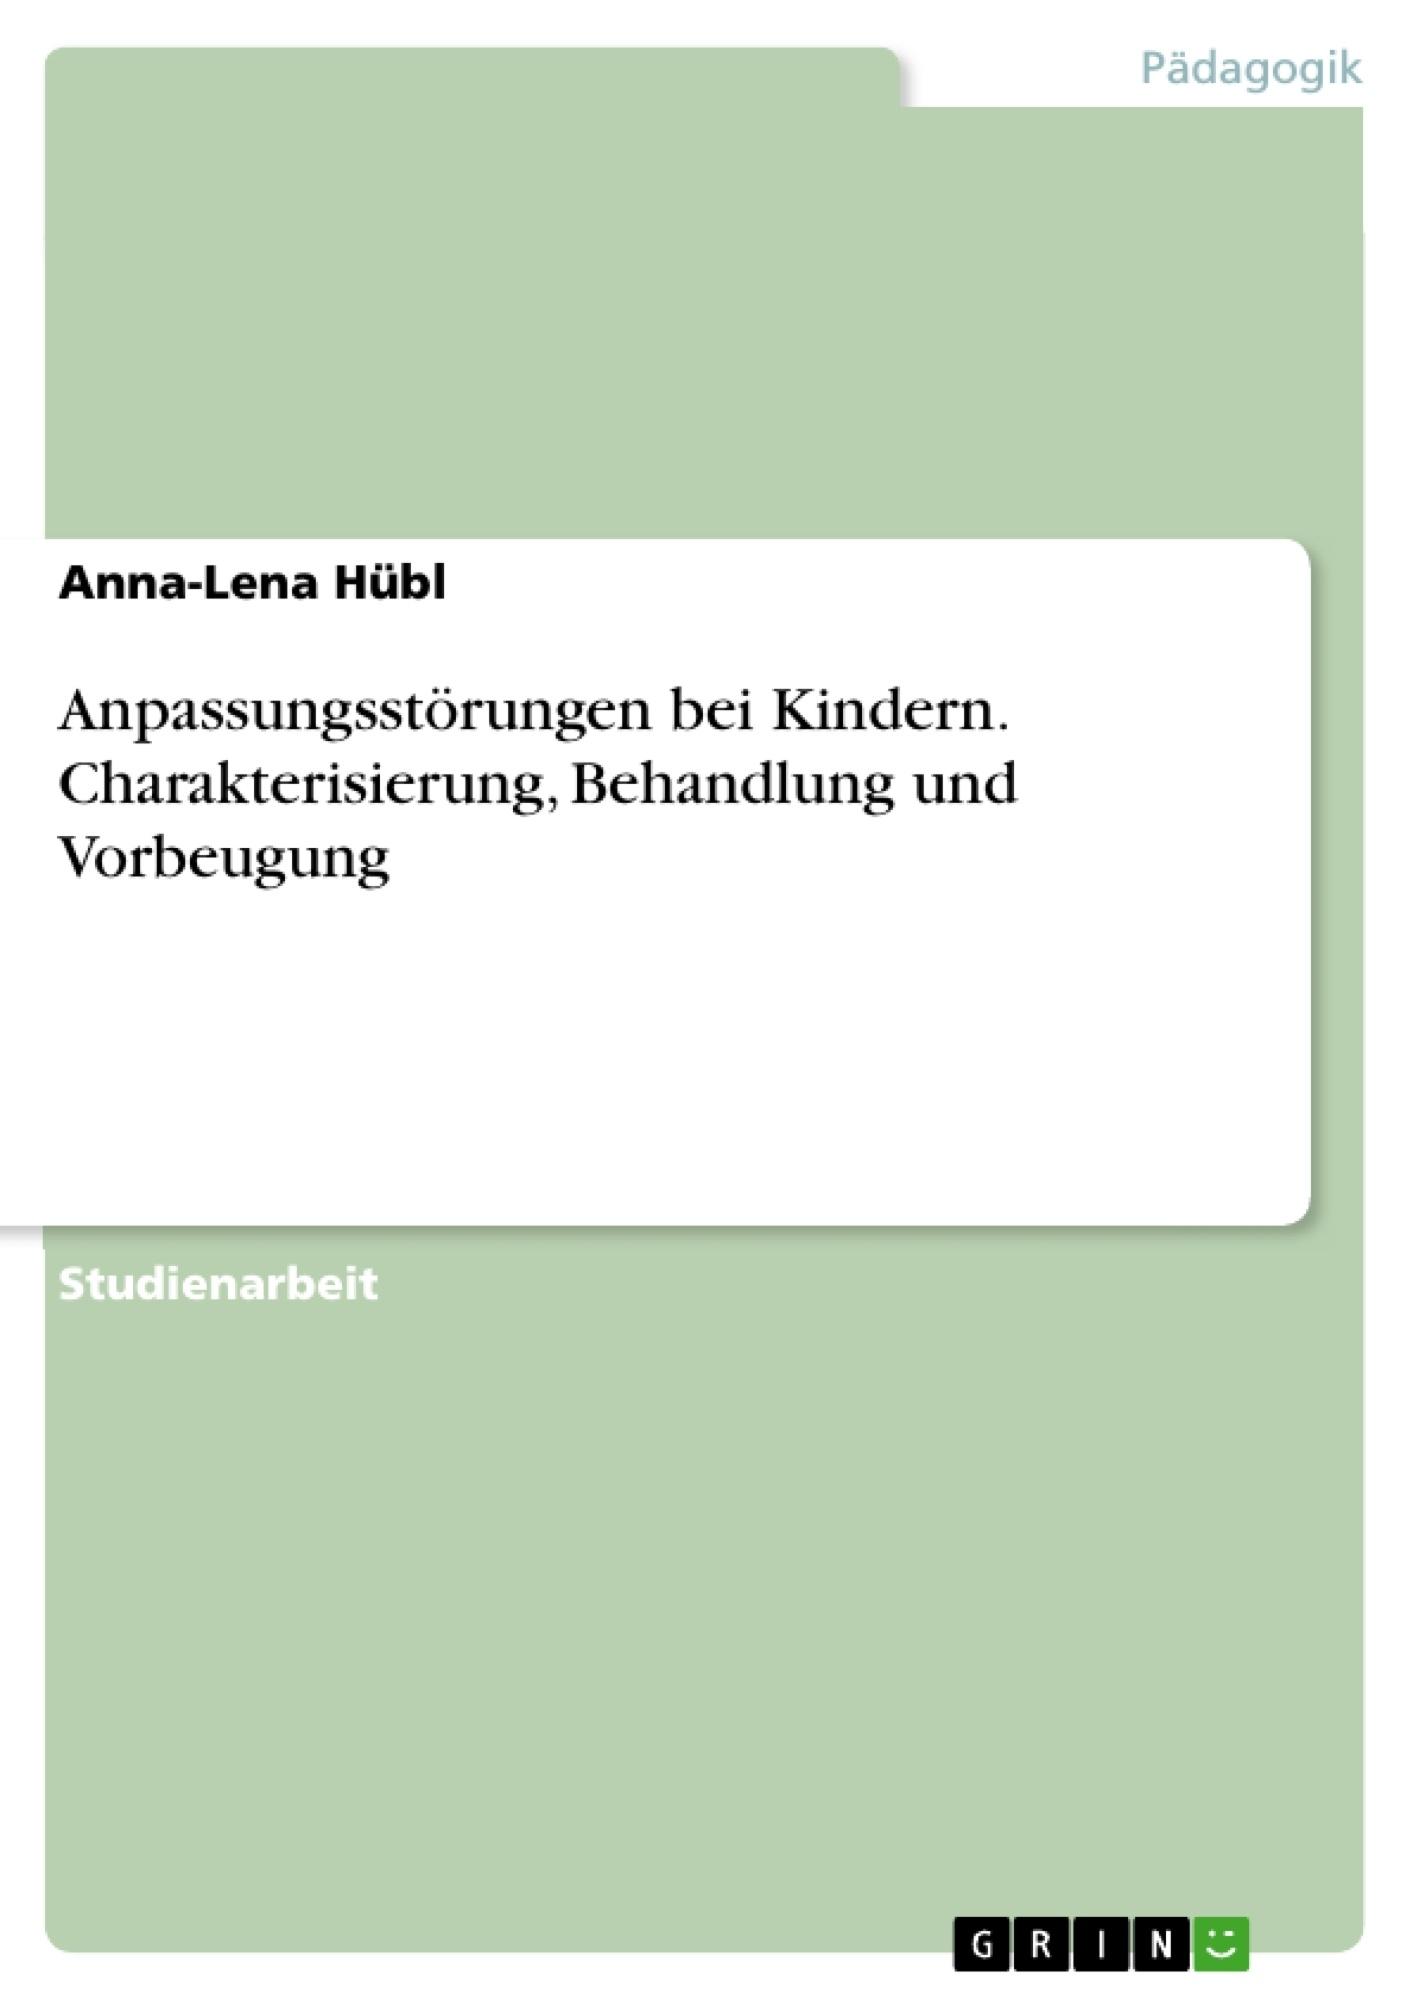 Titel: Anpassungsstörungen bei Kindern. Charakterisierung, Behandlung und Vorbeugung